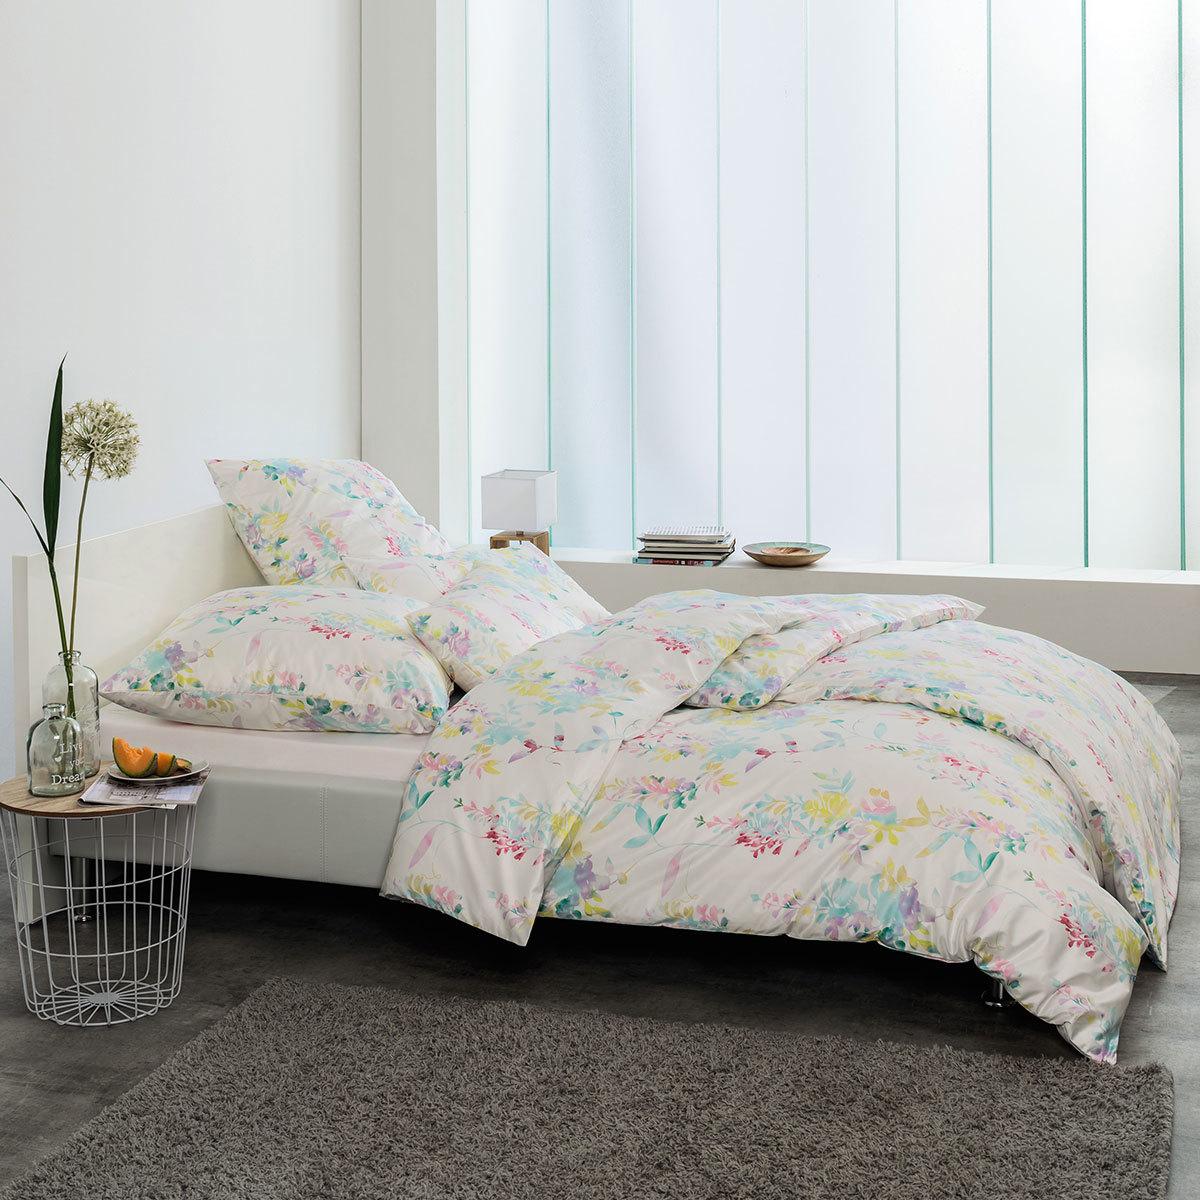 estella schweizer preisvergleich. Black Bedroom Furniture Sets. Home Design Ideas